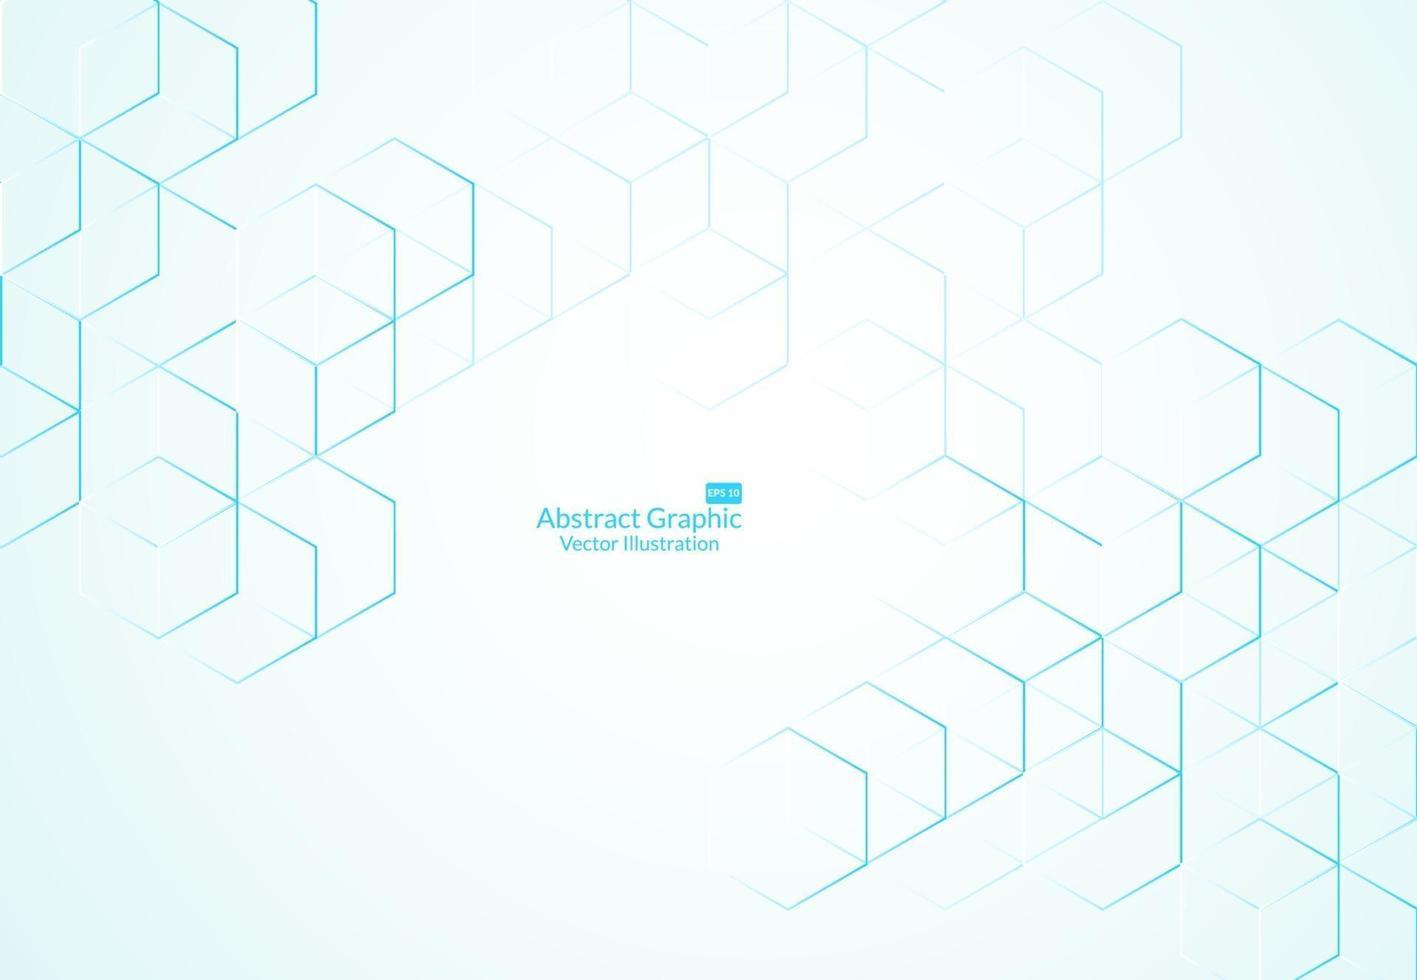 Fondo de cuadros abstractos. tecnología moderna con malla cuadrada. geométrico sobre fondo blanco con líneas. celda de cubo. ilustración vectorial vector